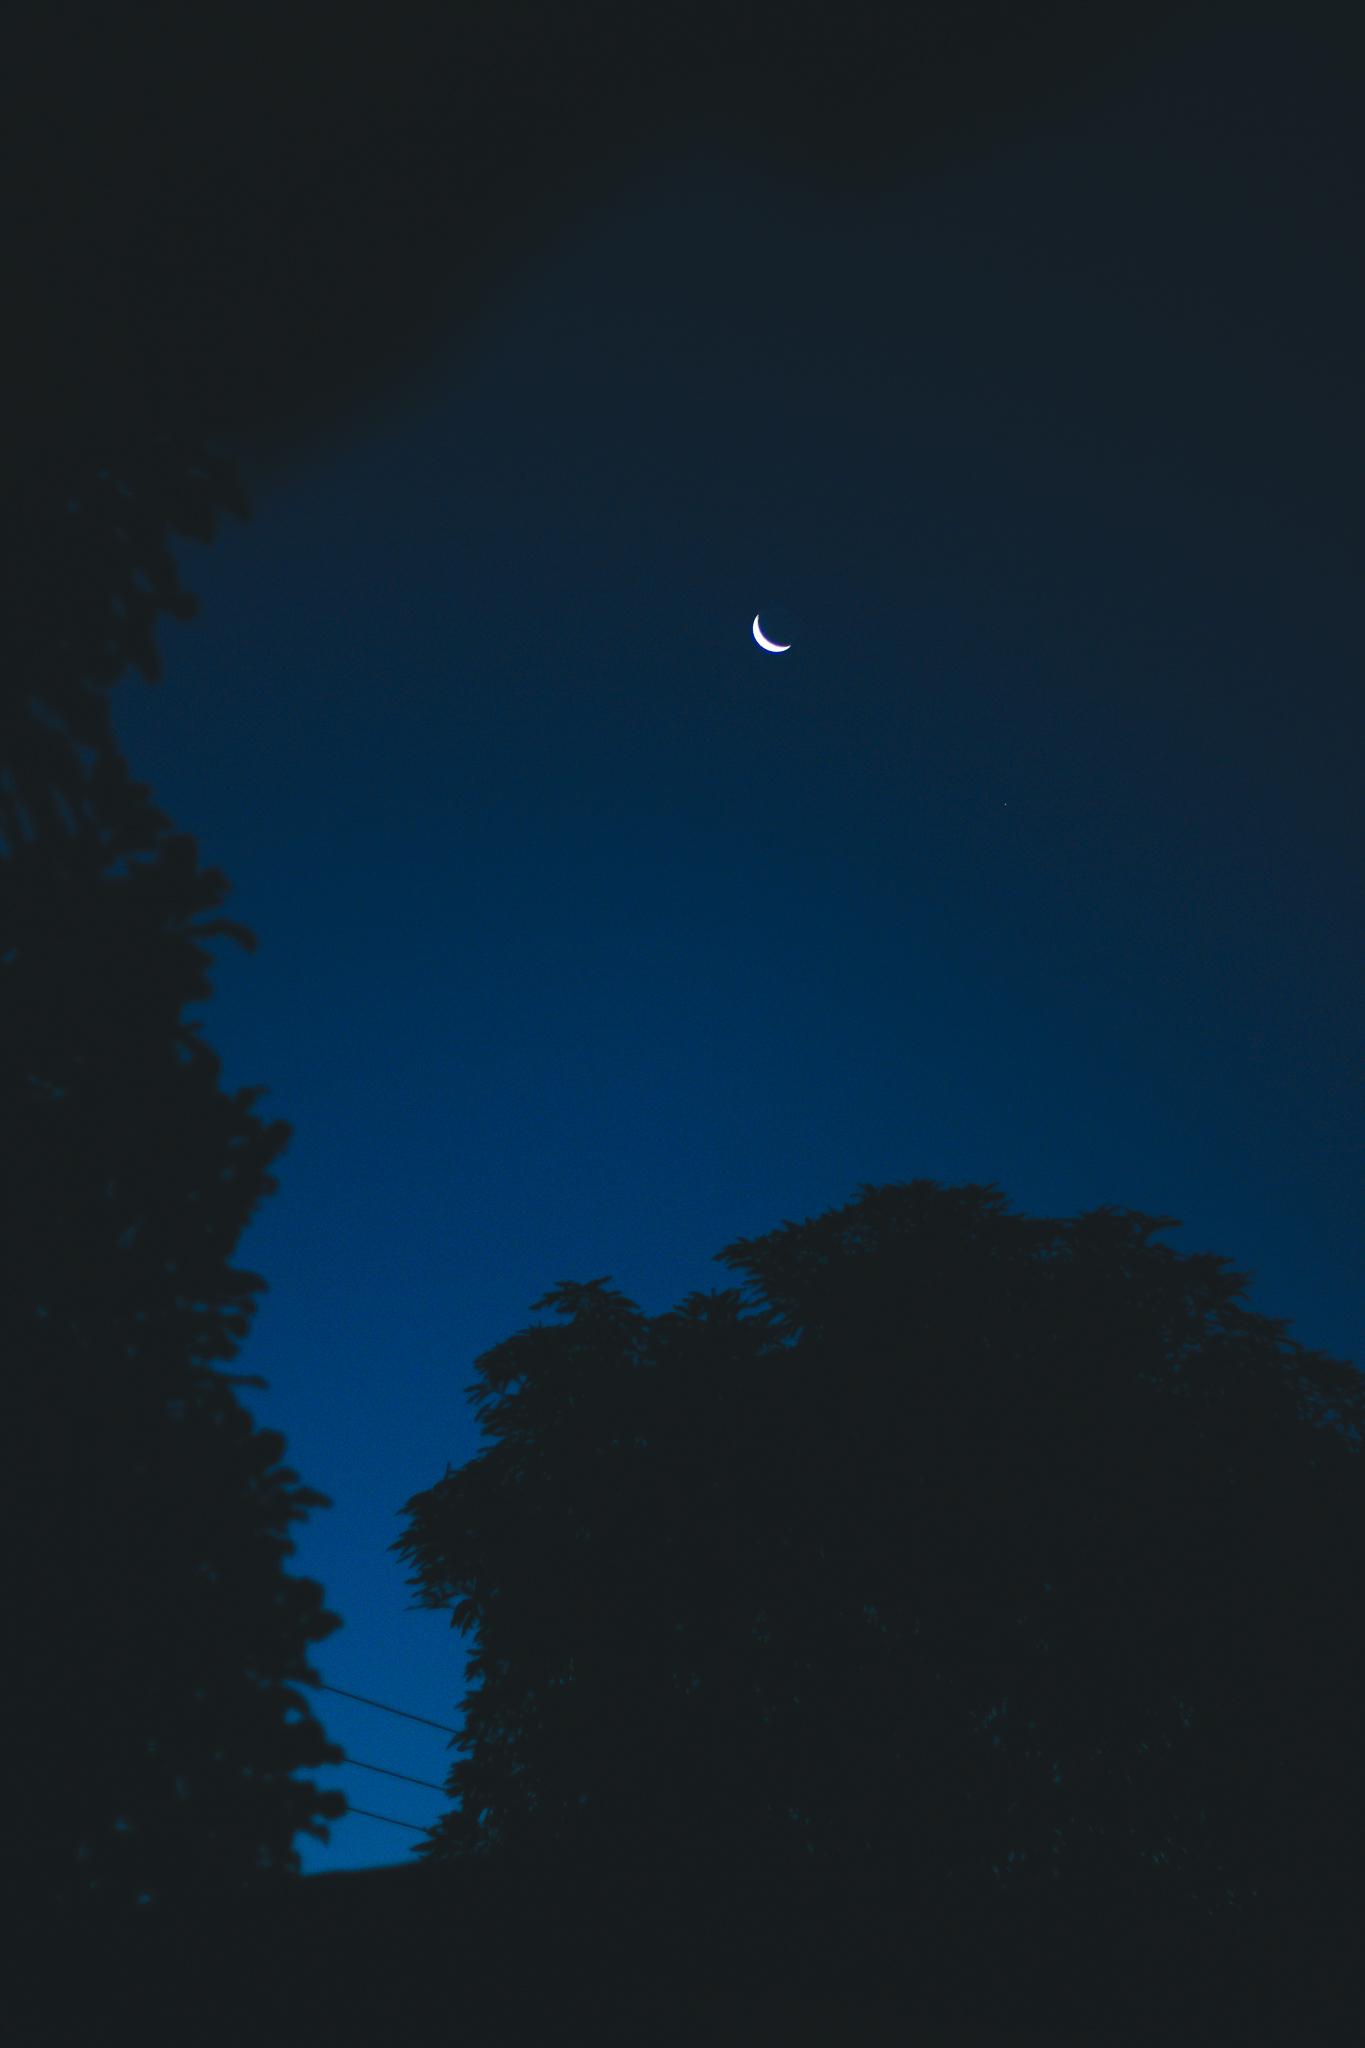 Gambar : langit, suasana, siang hari, objek astronomi, sabit